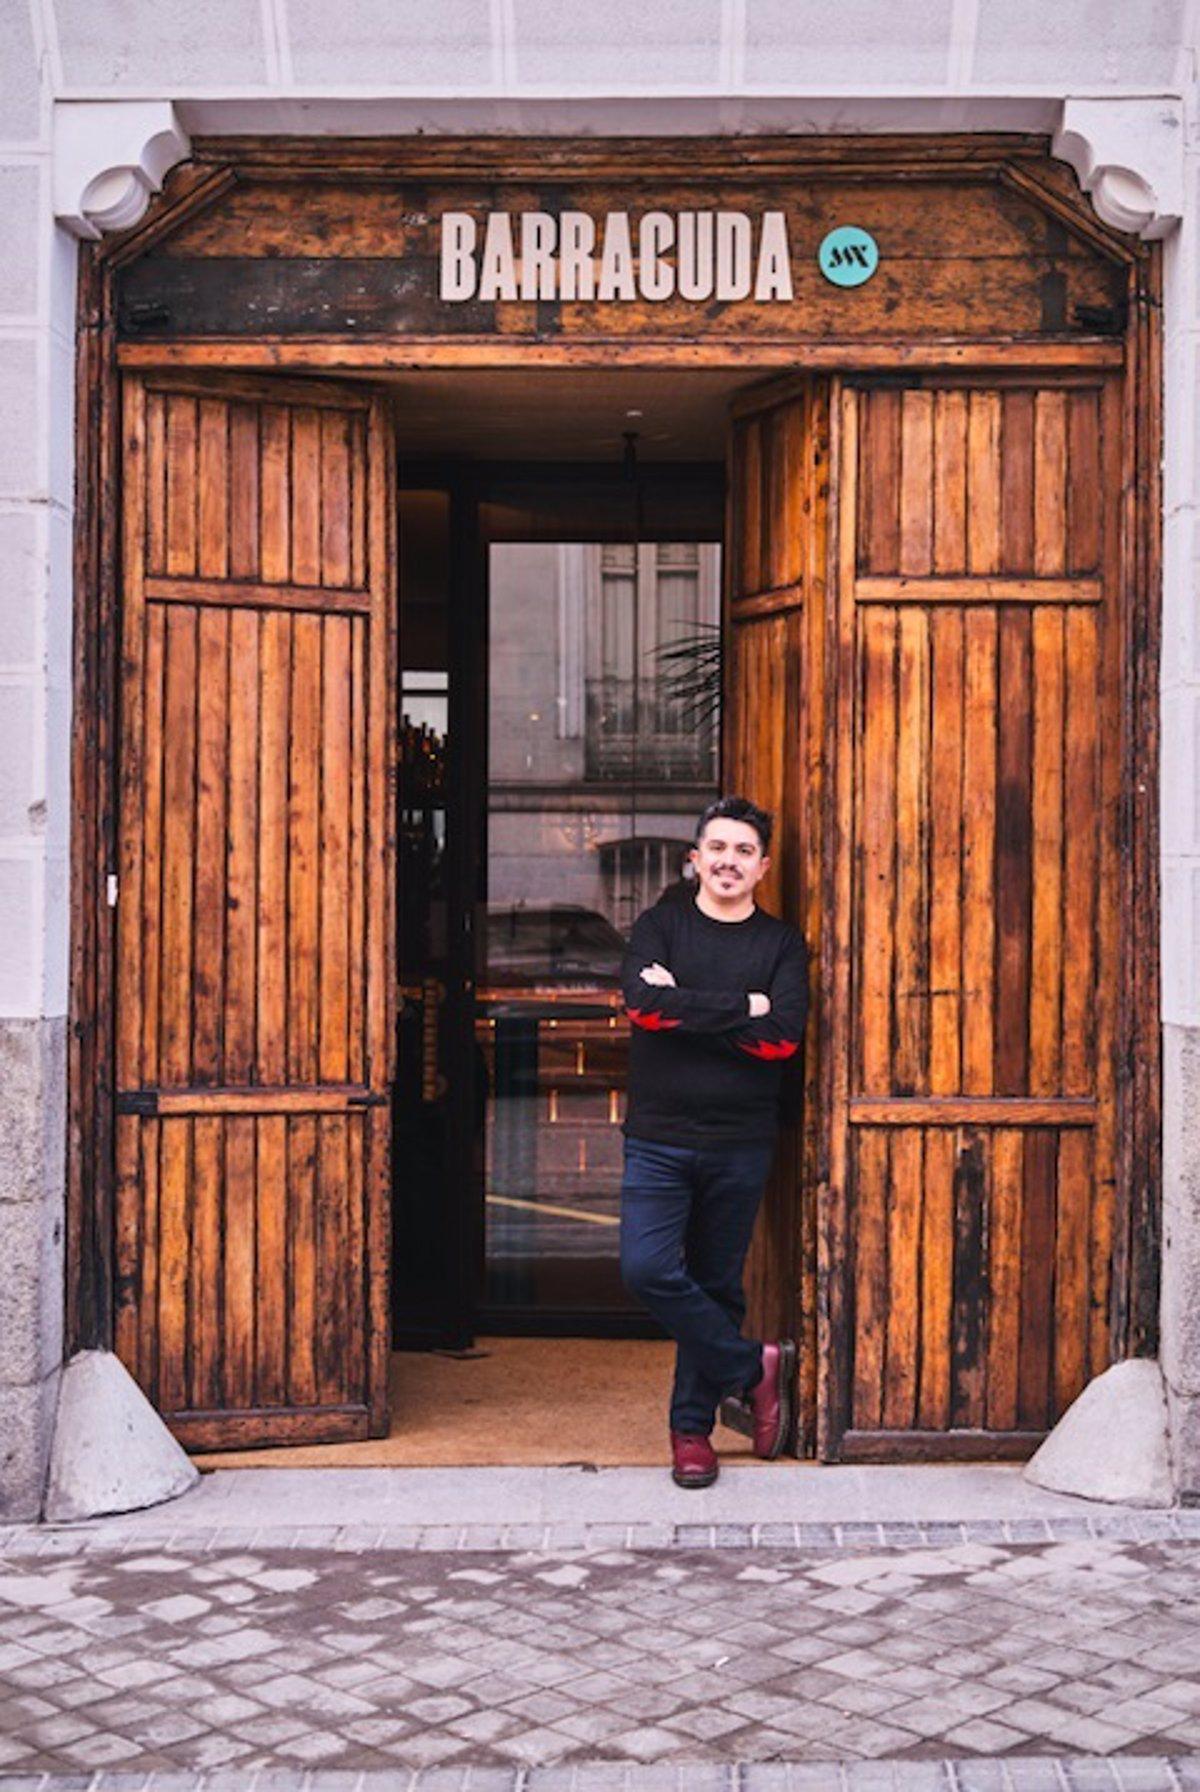 El chef Roberto Ruiz vuelve con Barracuda MX tras el cierre de Punto MX - Descubrir